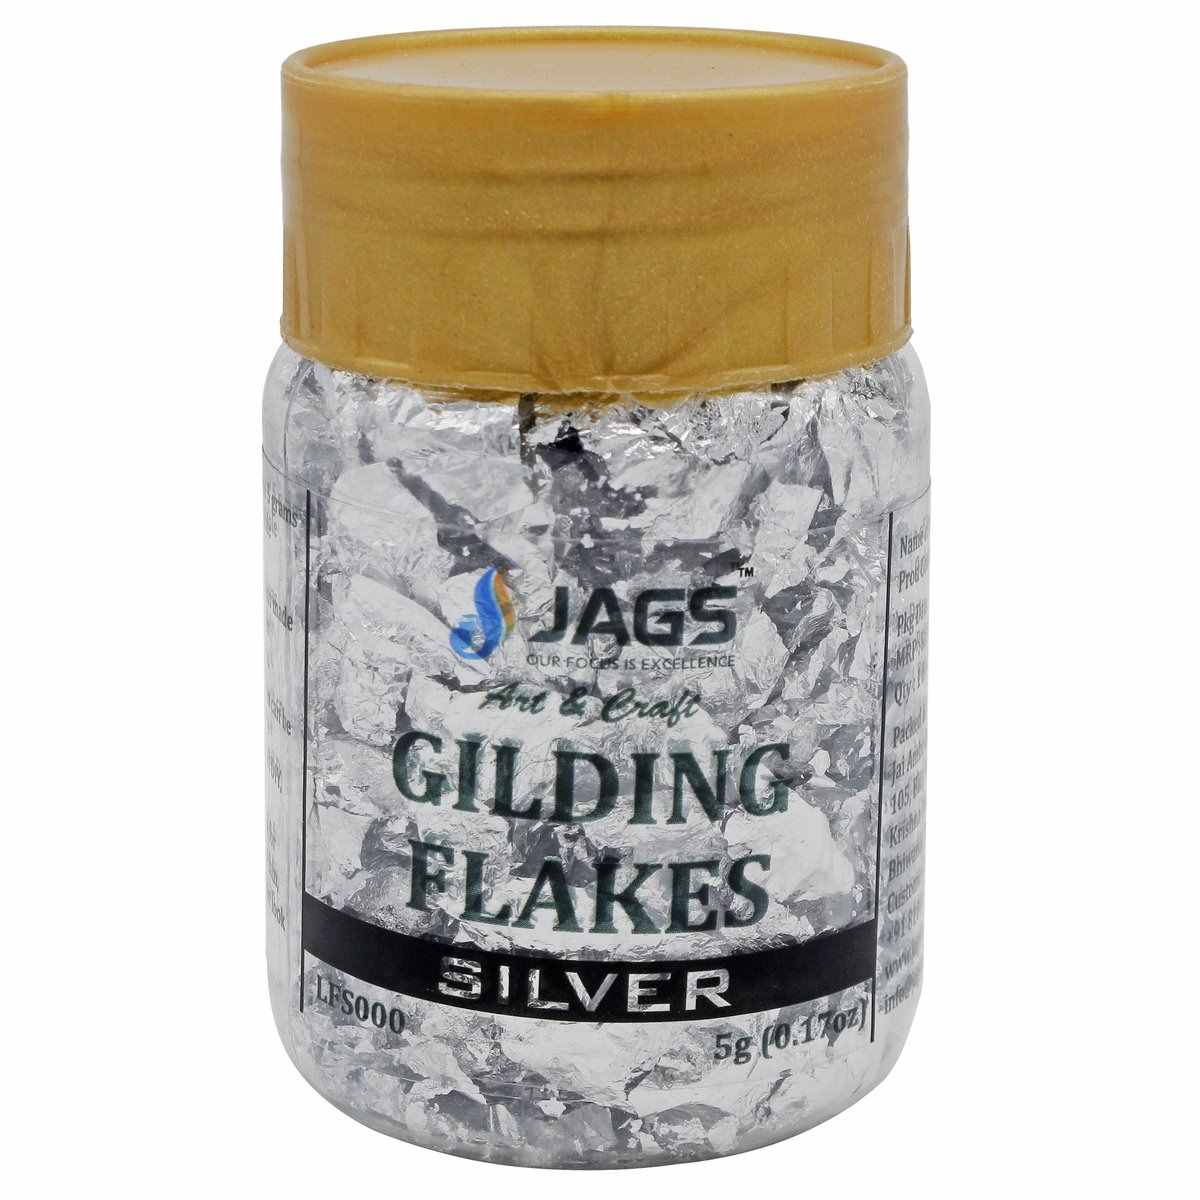 Gilding Flakes (Silver)